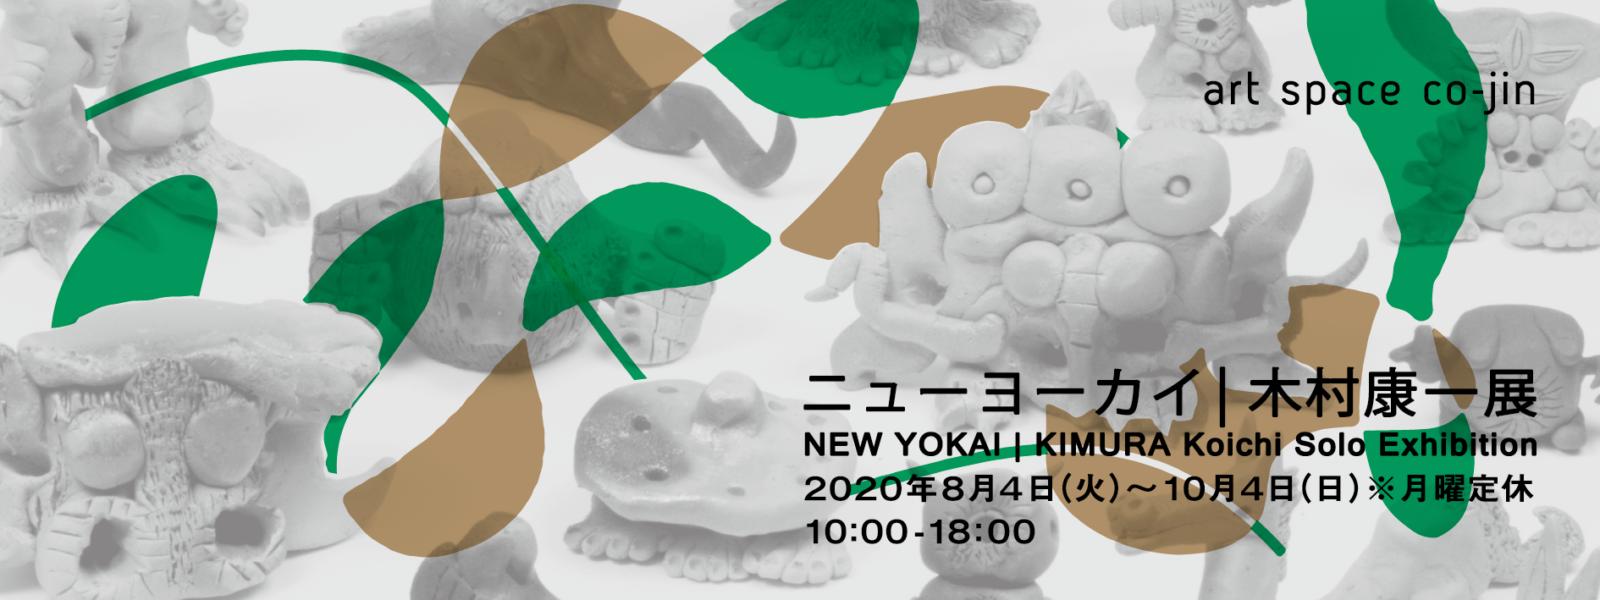 ニューヨーカイ 木村康一展 2020年8月4日(火)〜10月4日(日) ※月曜休廊 10:00-18:00